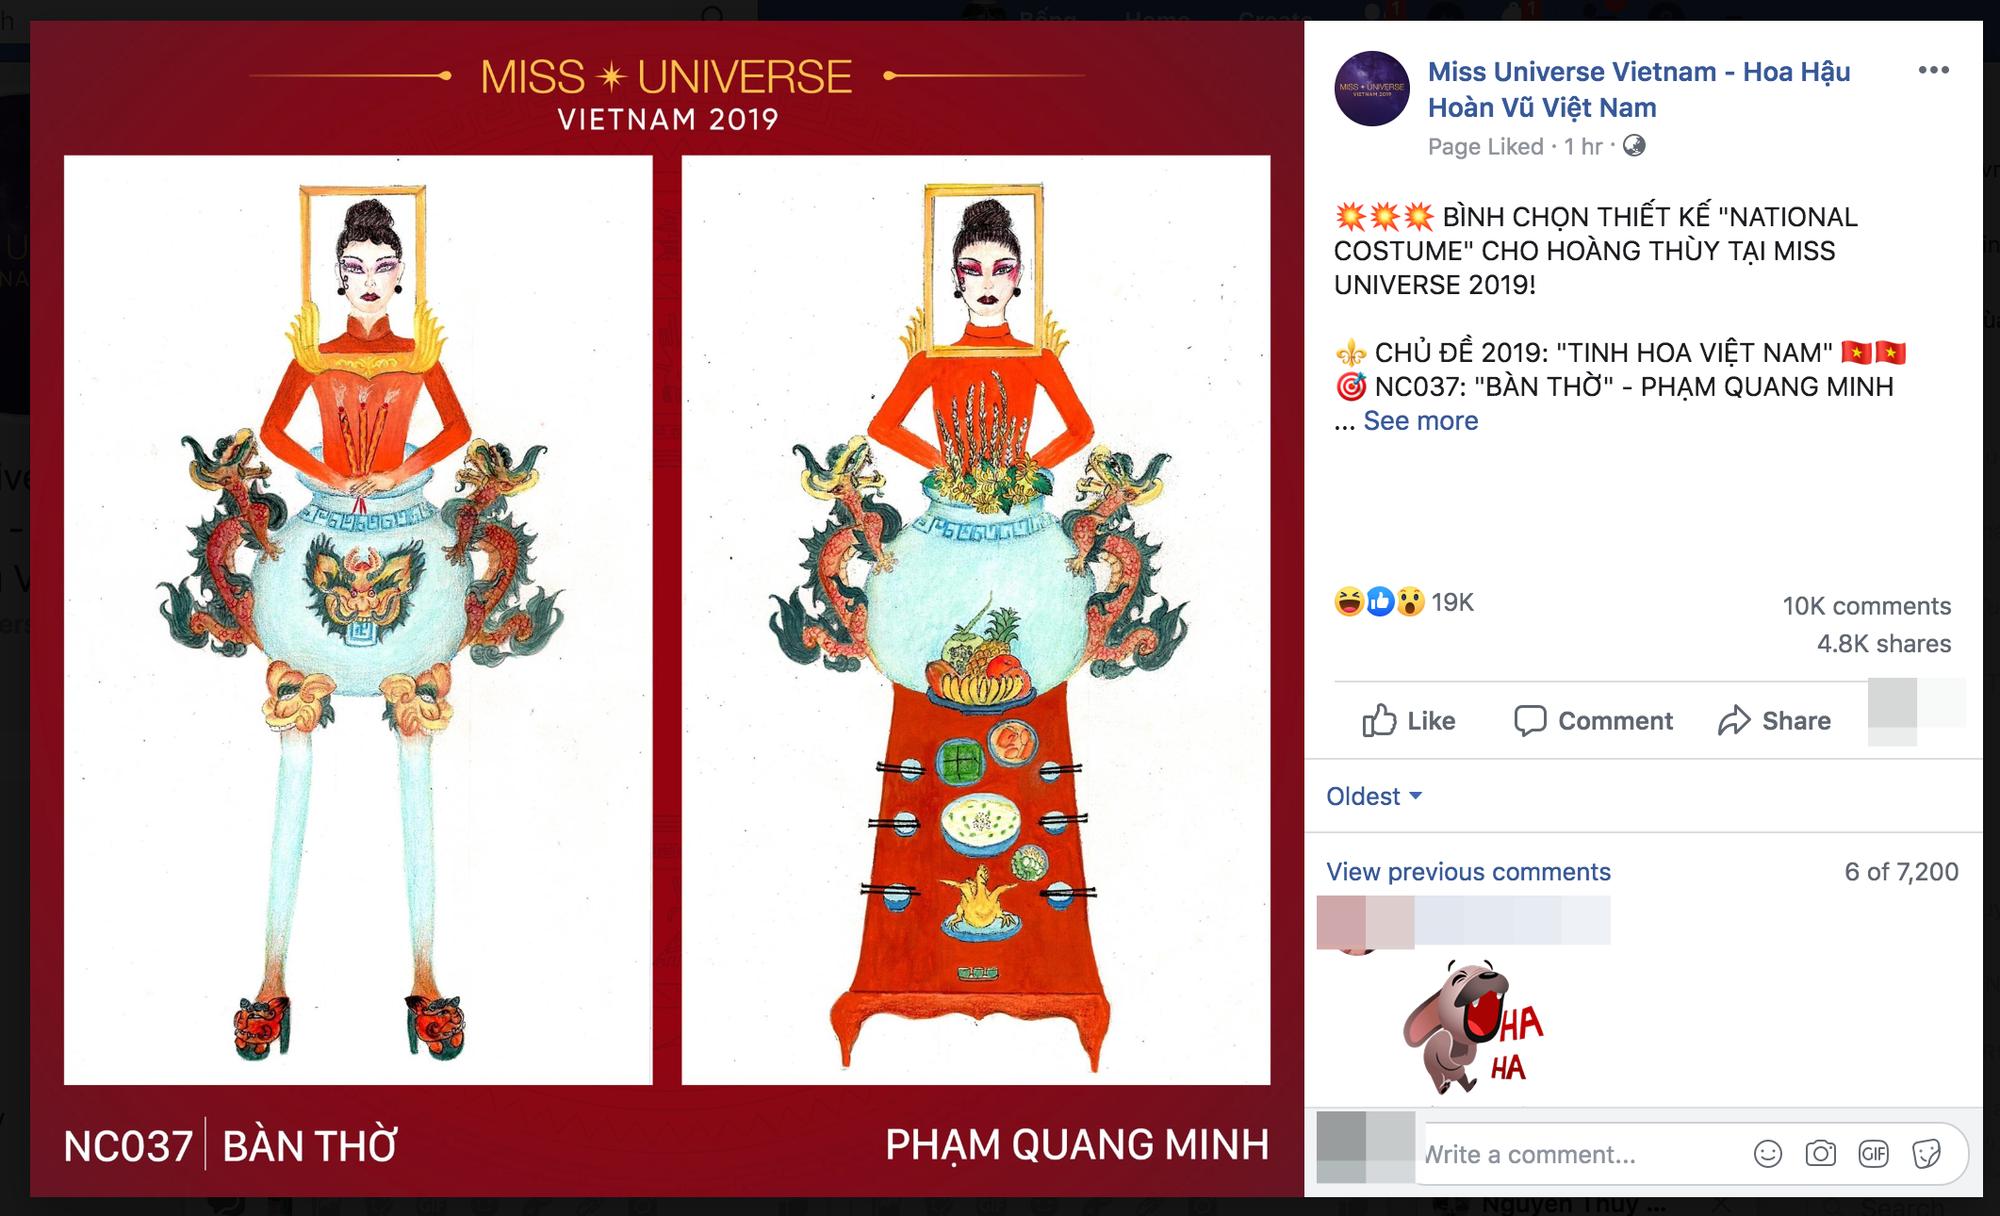 Thiết kế Bàn thờ thi phần trang phục để Hoàng Thuỳ dự Miss Universe 2019 đang khiến dân tình cạn hết lời! - Ảnh 2.